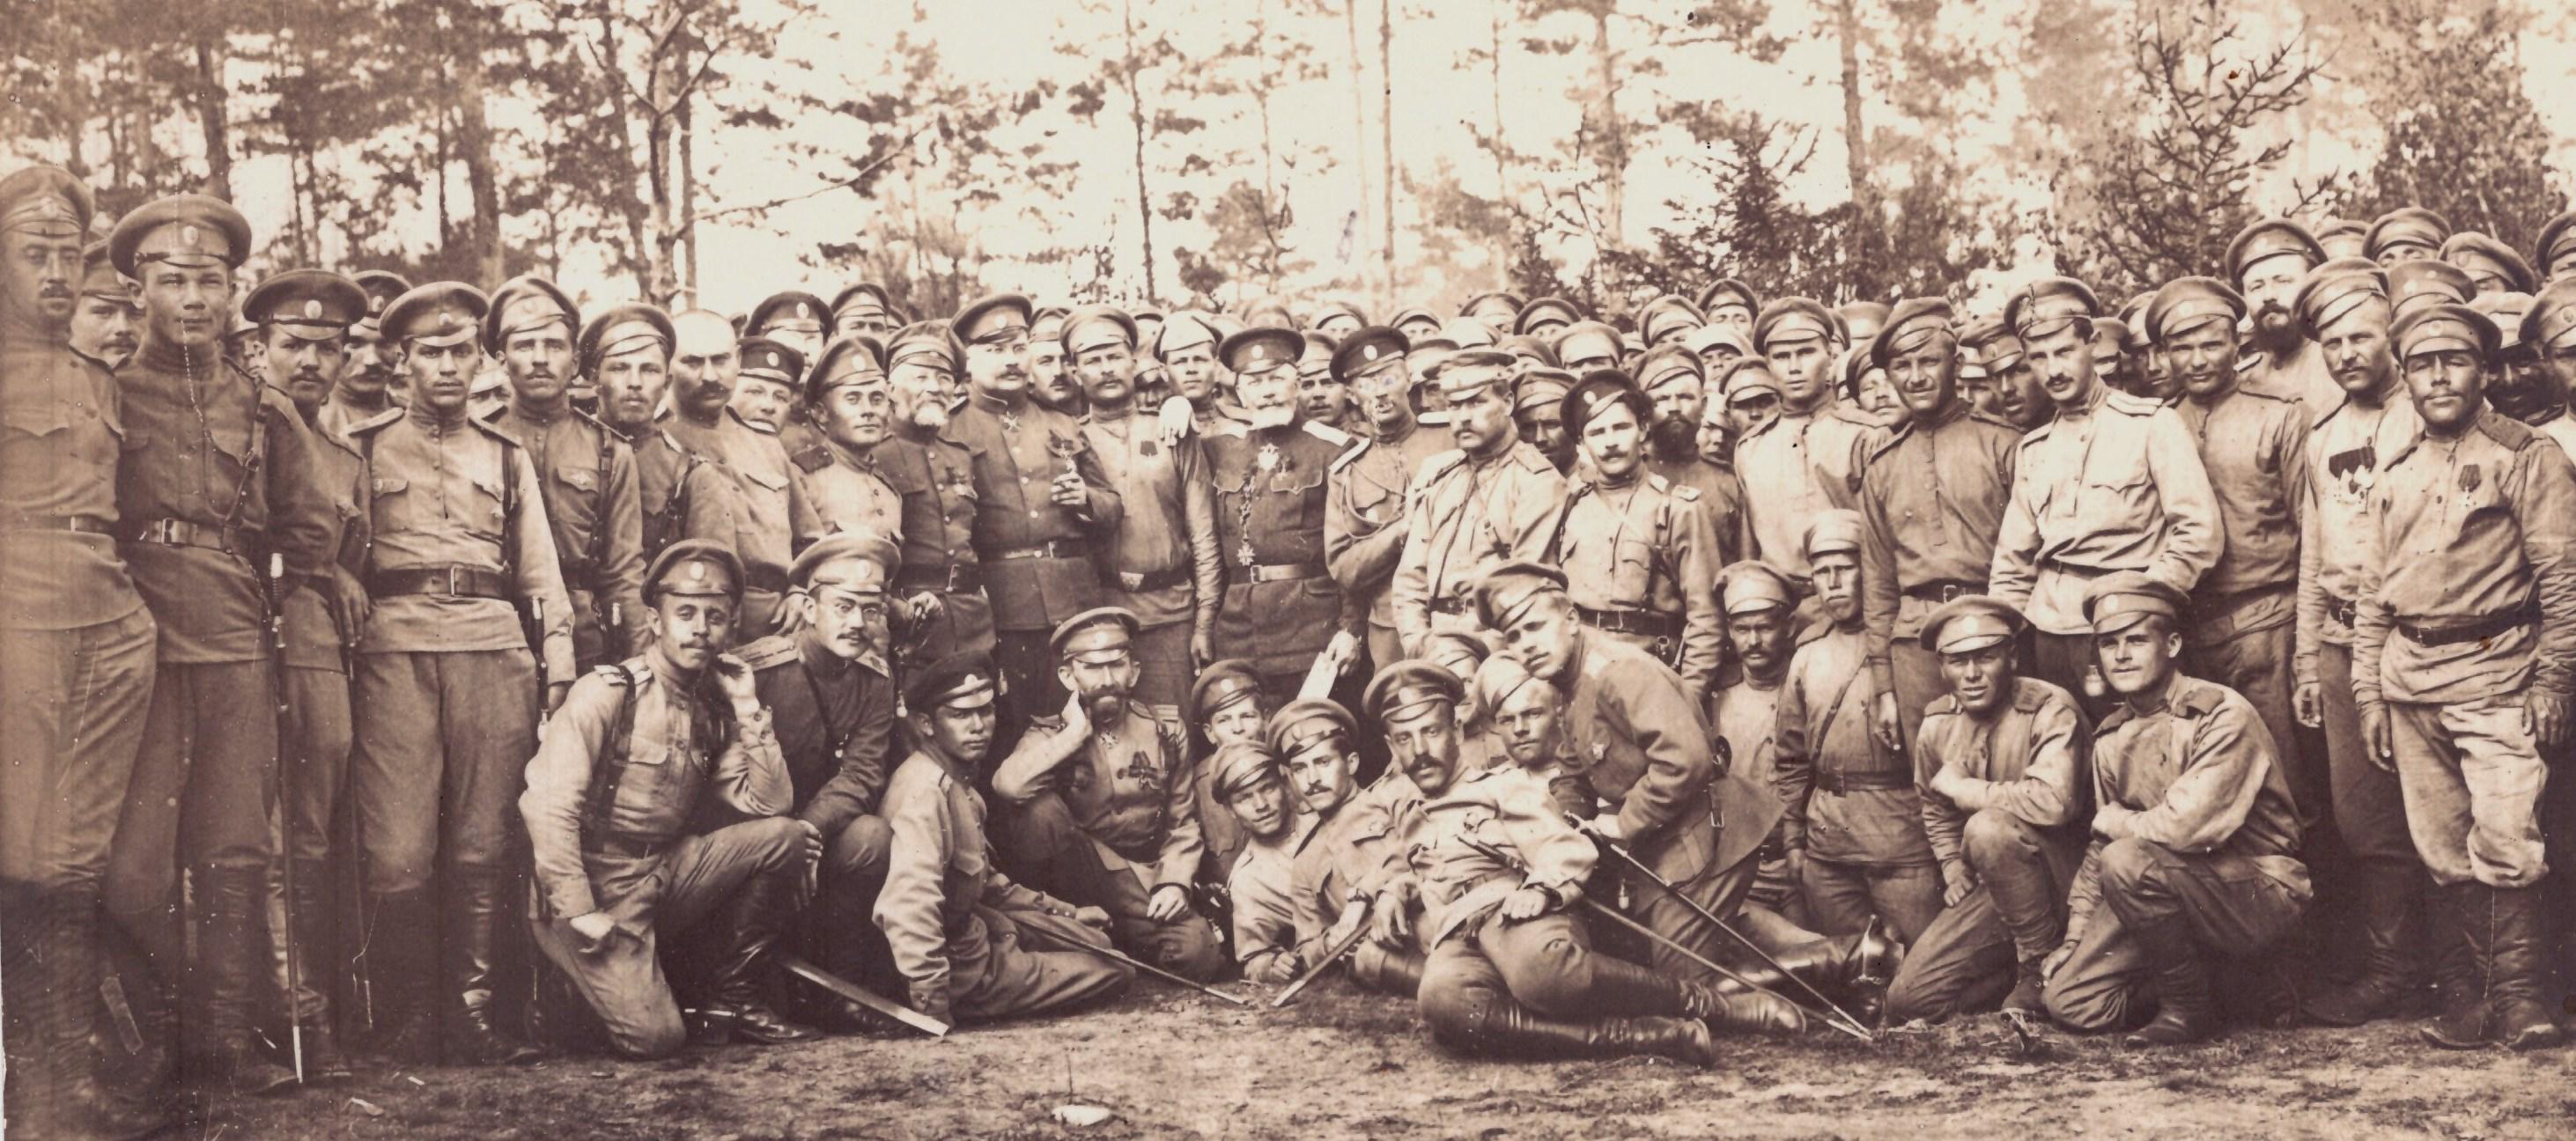 треков группы барабинск пехотный полк фото поможет составить